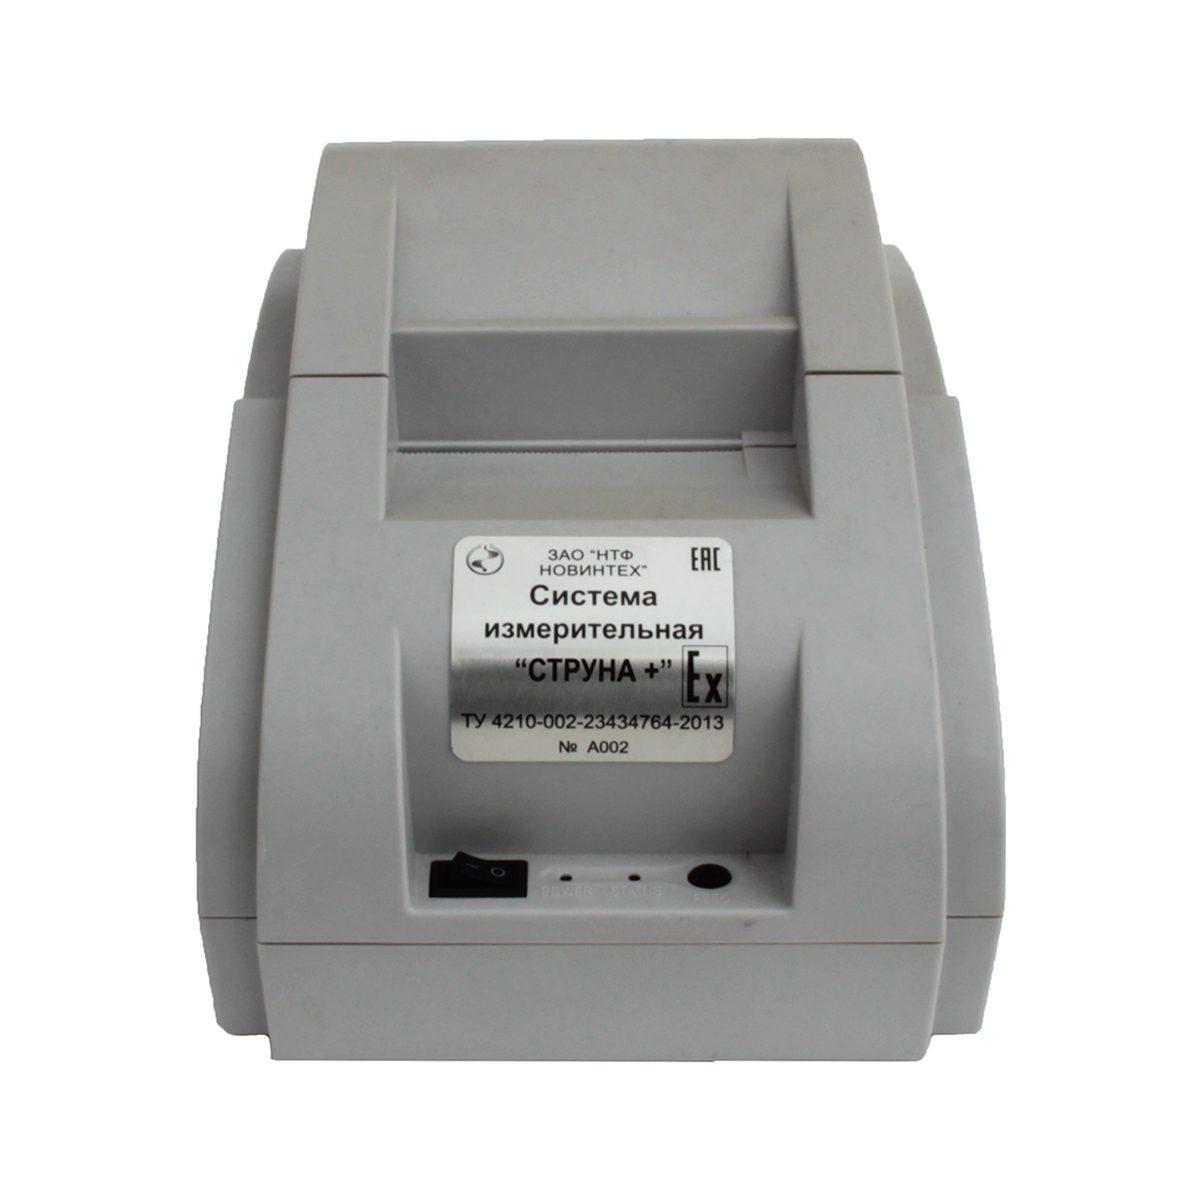 Термопринтер ESC/POS (58 мм)